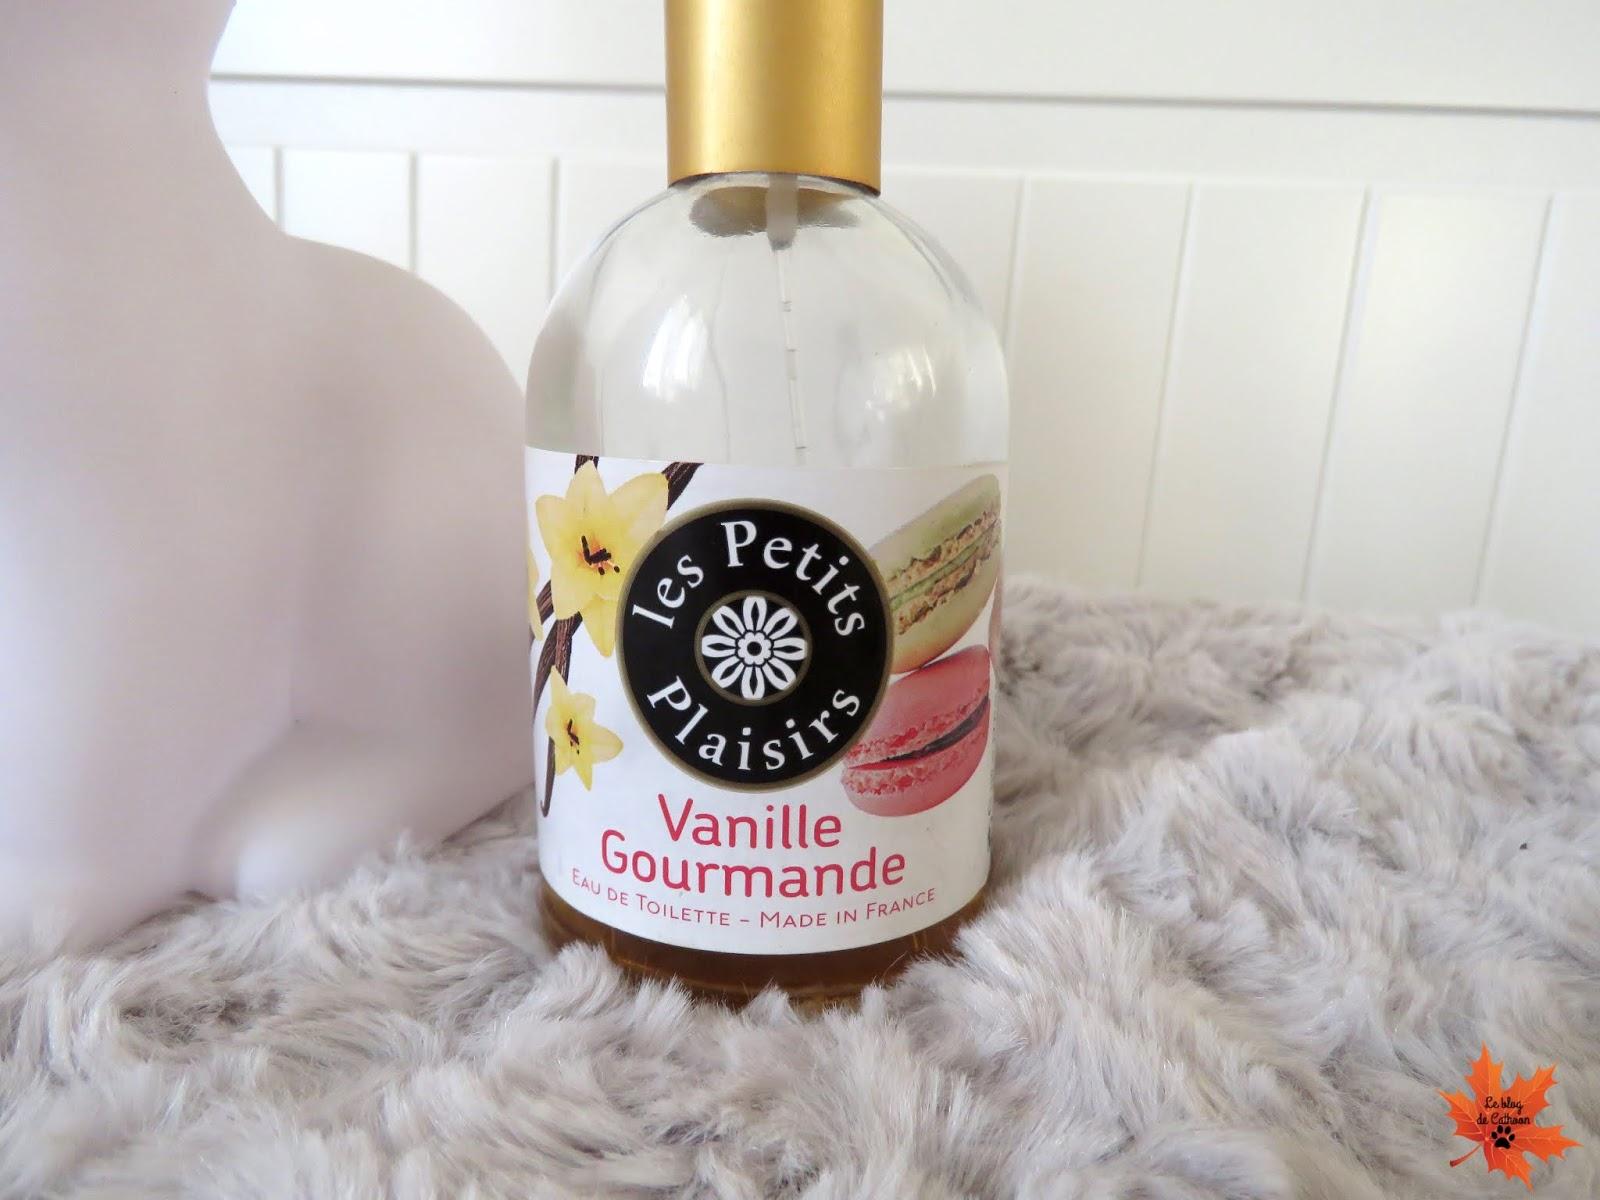 Vanille Gourmande - Eau de Toilette - Les Petits Plaisirs